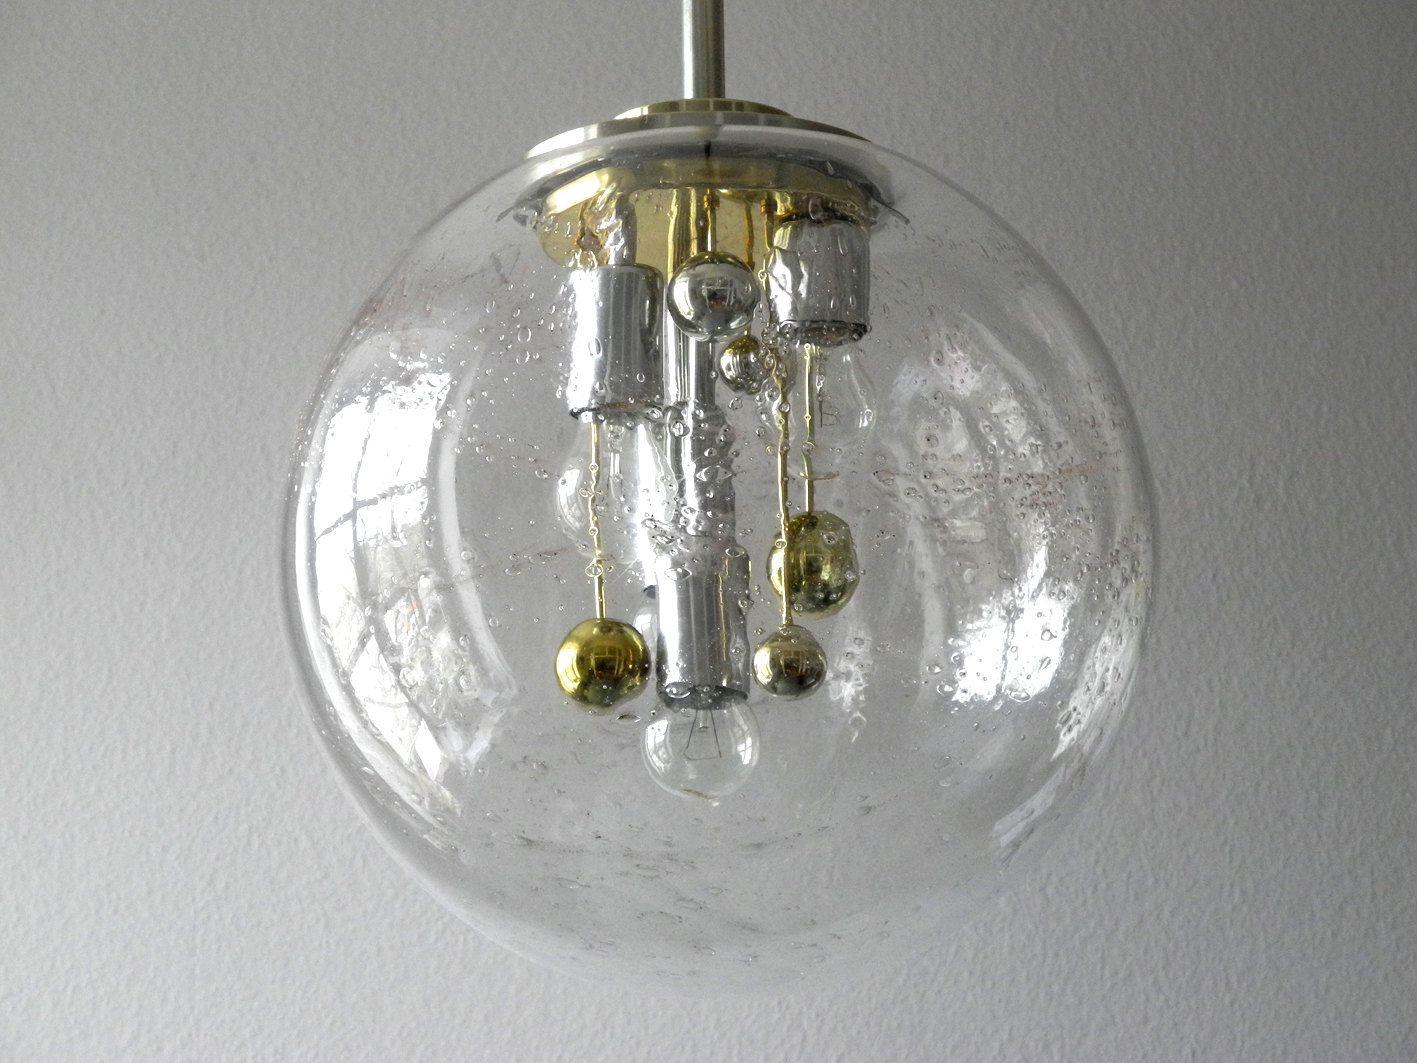 Lampe suspension doria avec boule en verre en vente sur for Lampe boule suspension